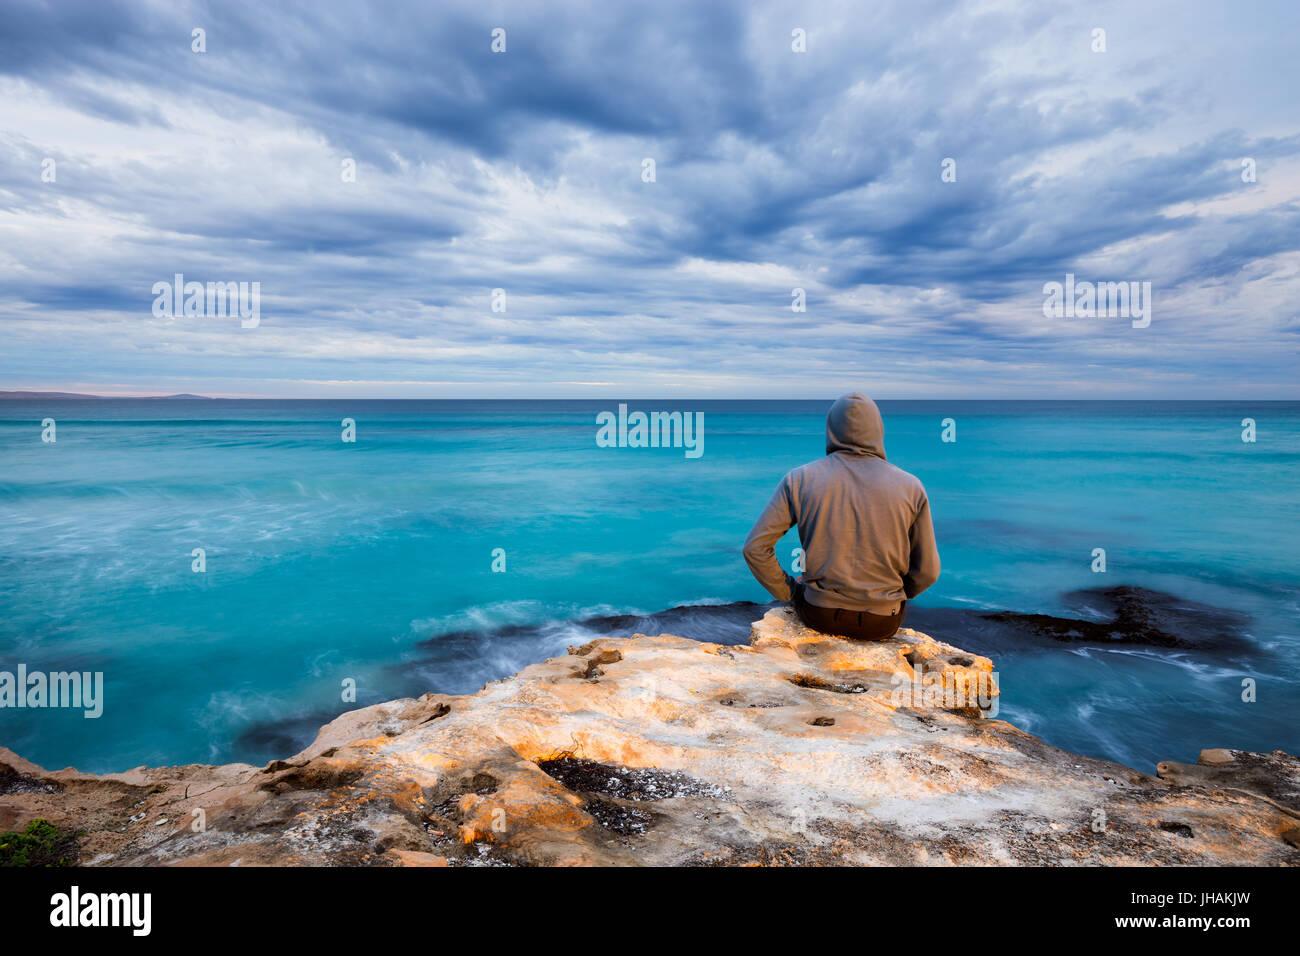 Un homme est assis sur le bord d'une falaise de calcaire robuste et donne sur une vue sur l'océan orageux Photo Stock